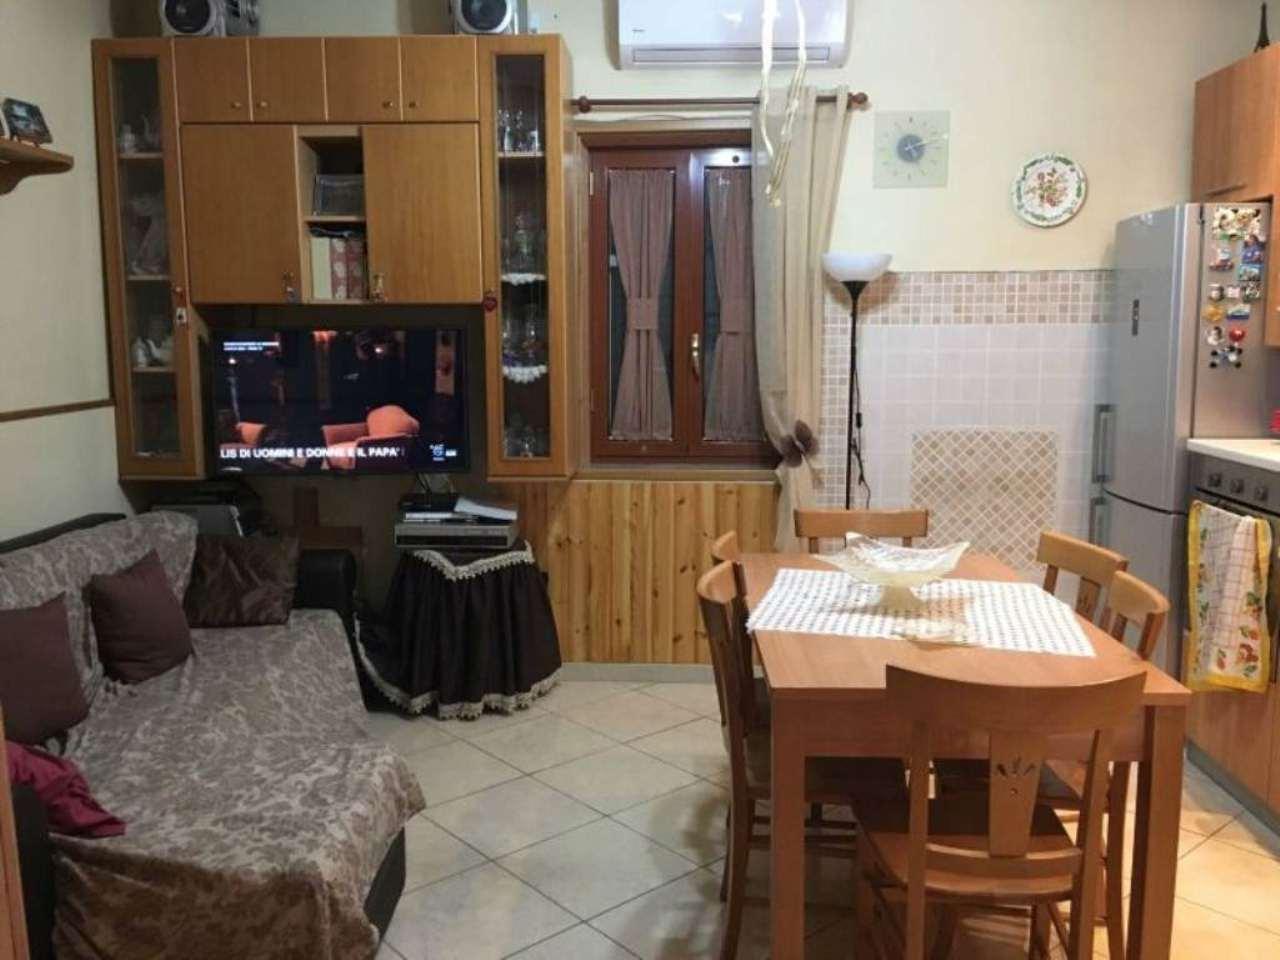 Soluzione Indipendente in vendita a Cercola, 3 locali, prezzo € 135.000 | Cambio Casa.it